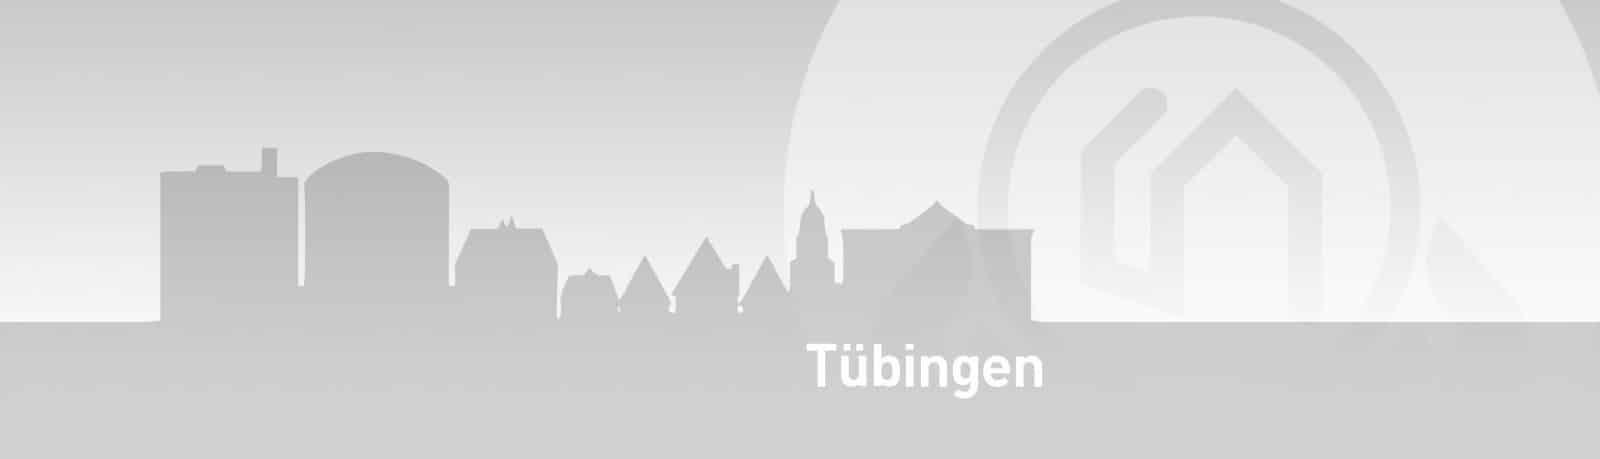 Tuebingen SENCURINA - Tübingen